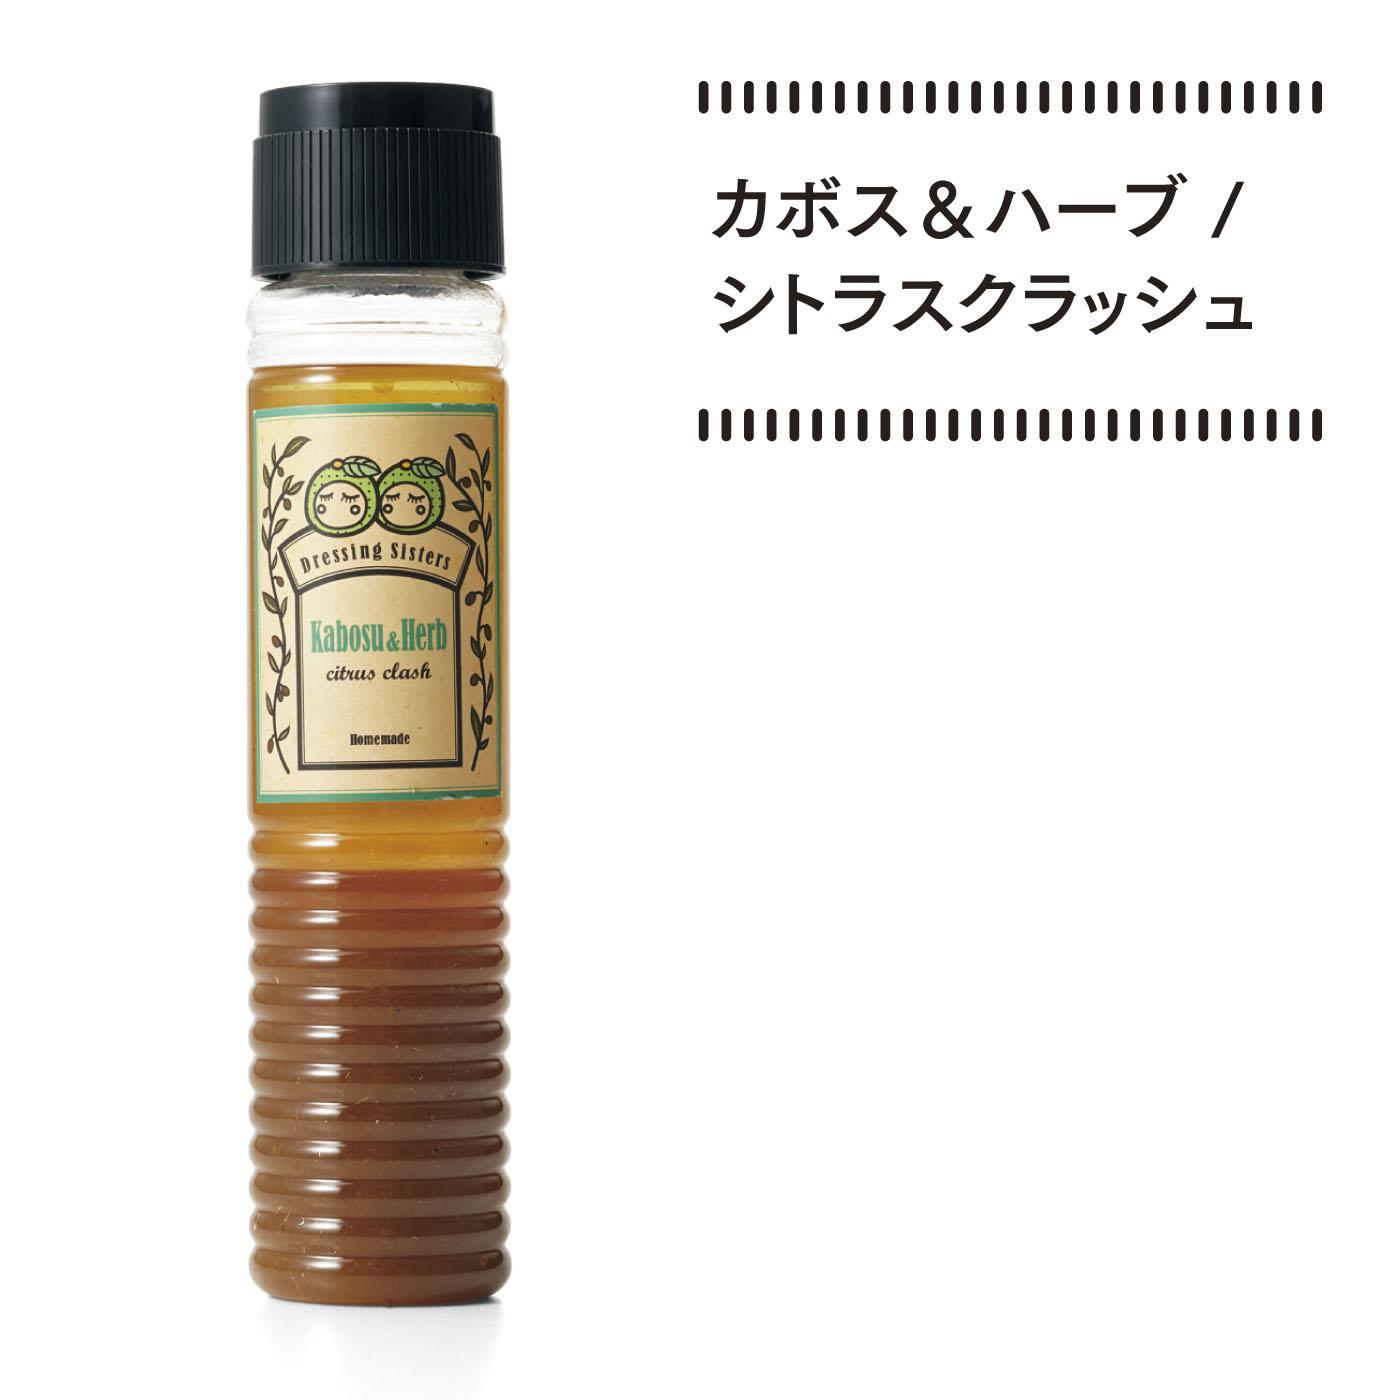 国産有機カボスの生絞りをベースに、オリジナルハーブと厳選した国産米胚芽油で仕上げました。